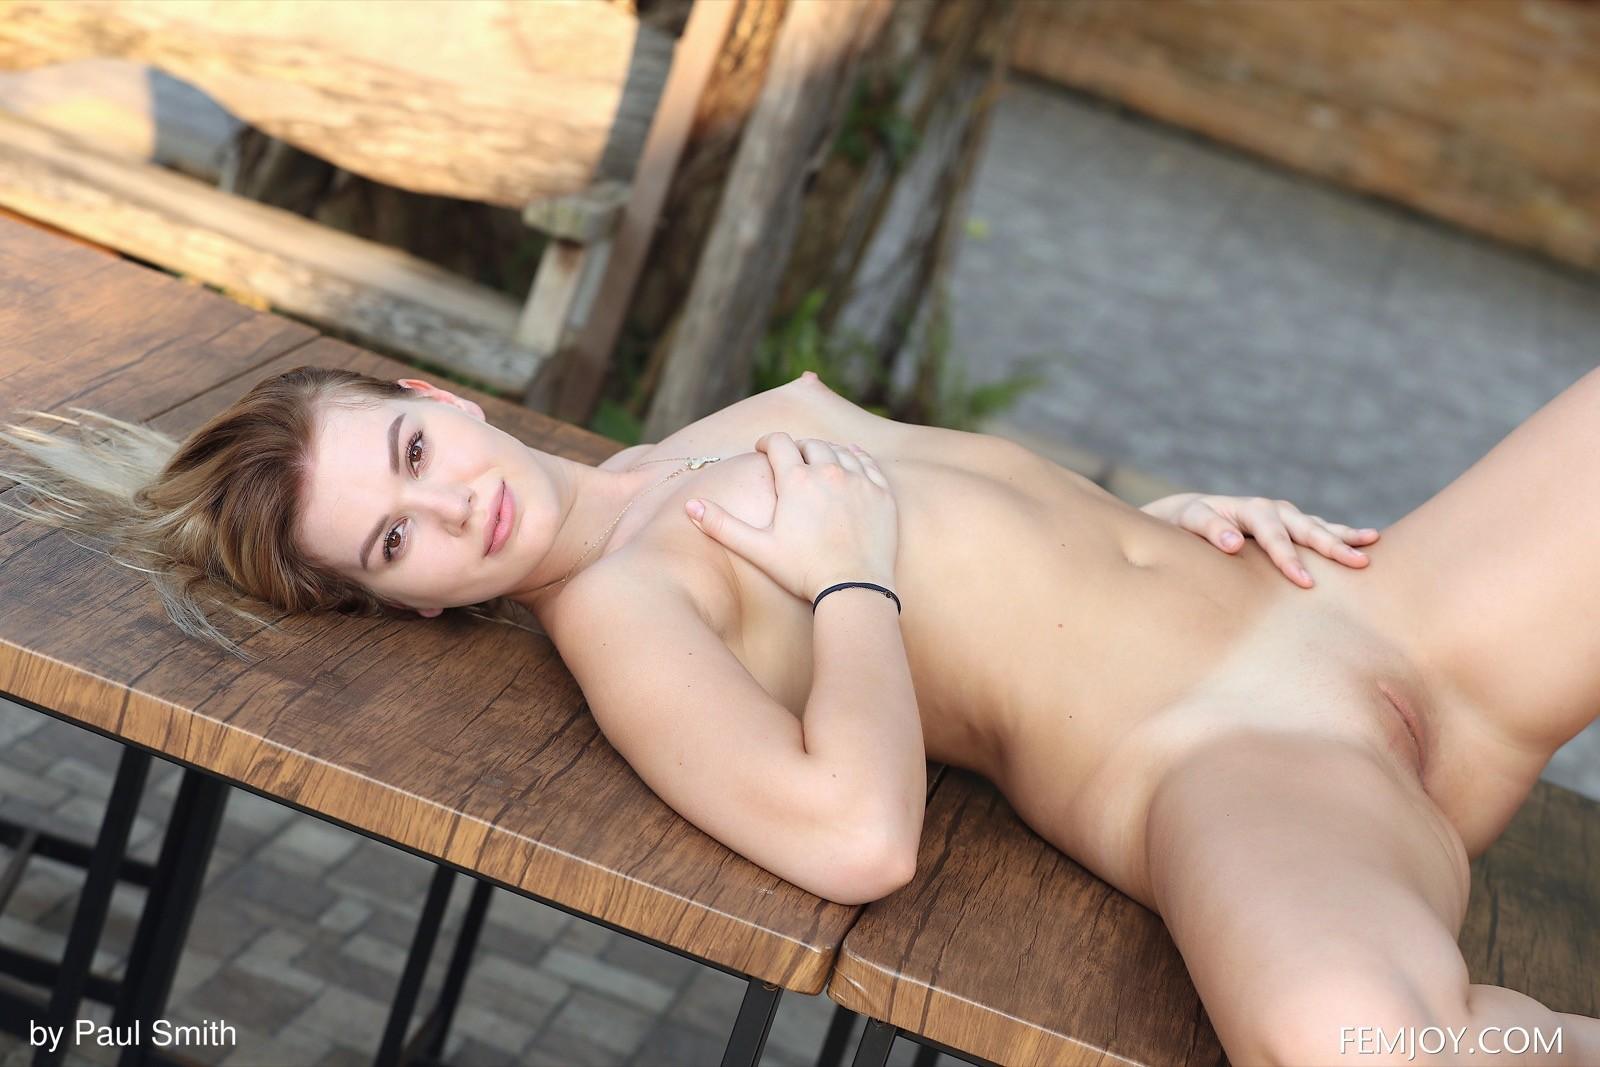 Девушка снимает трусы и ложится на стол - фото